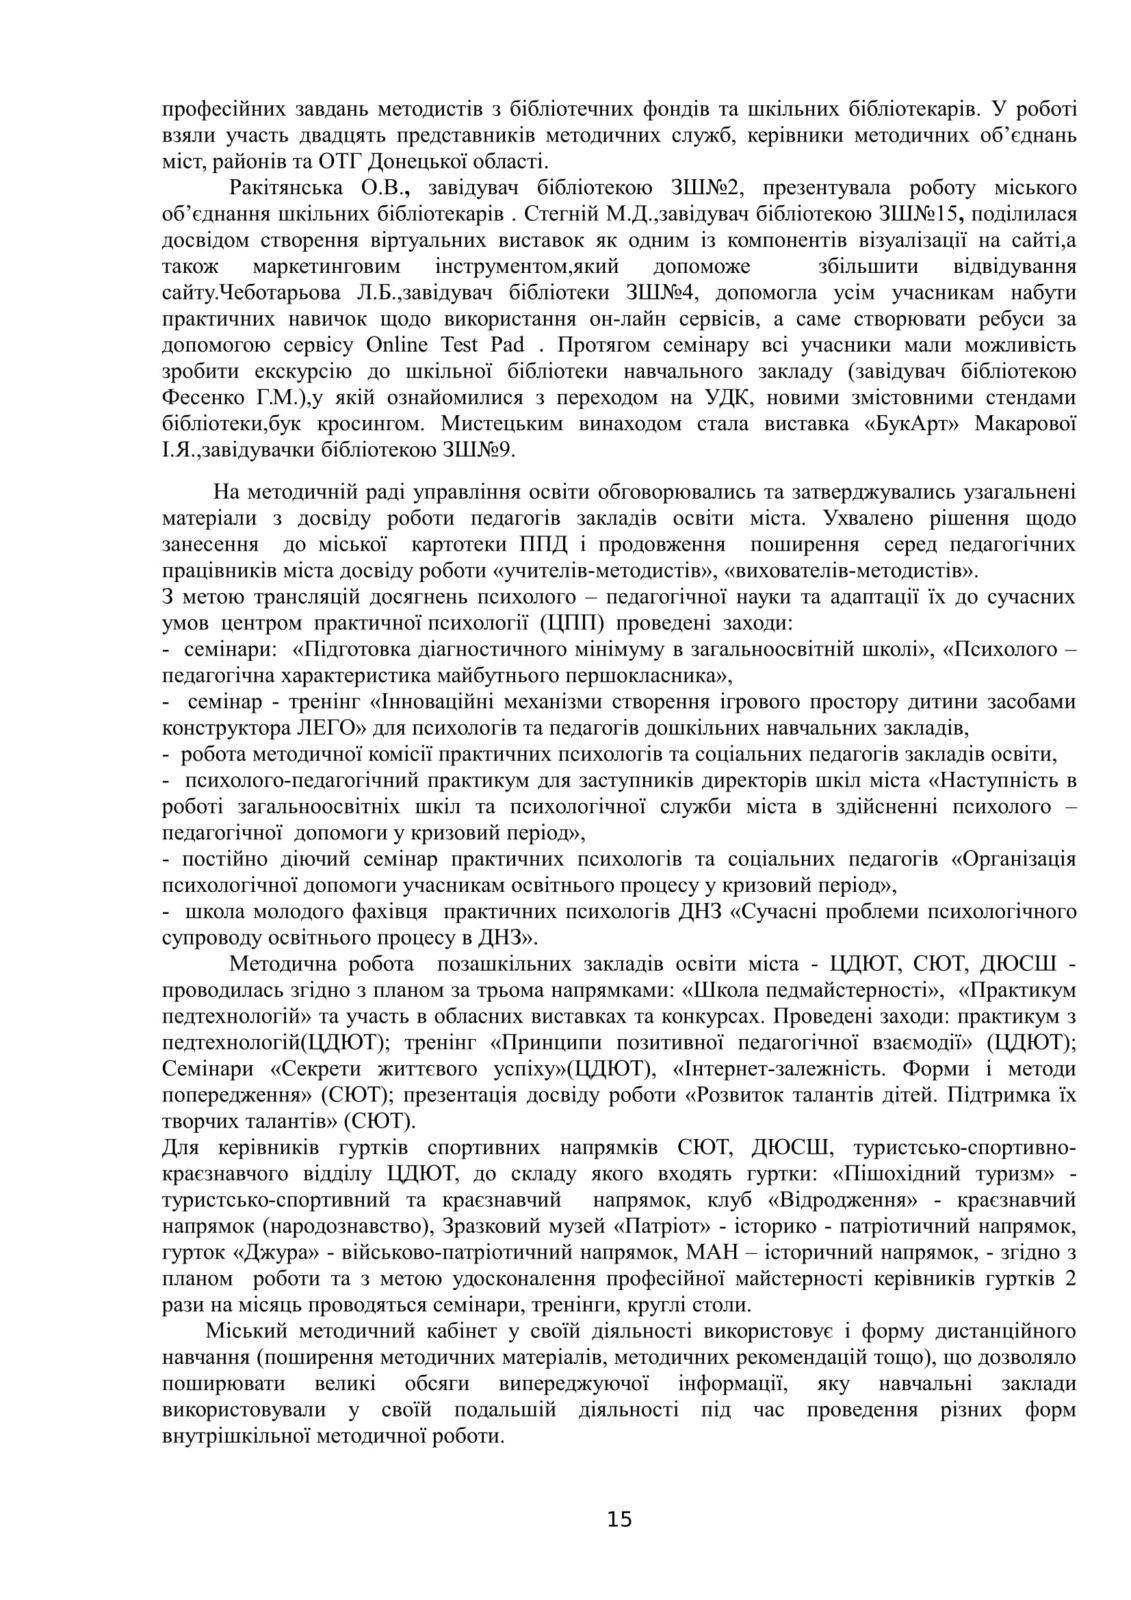 Костянтинівка 2018-2019 - ММК план роботи-16